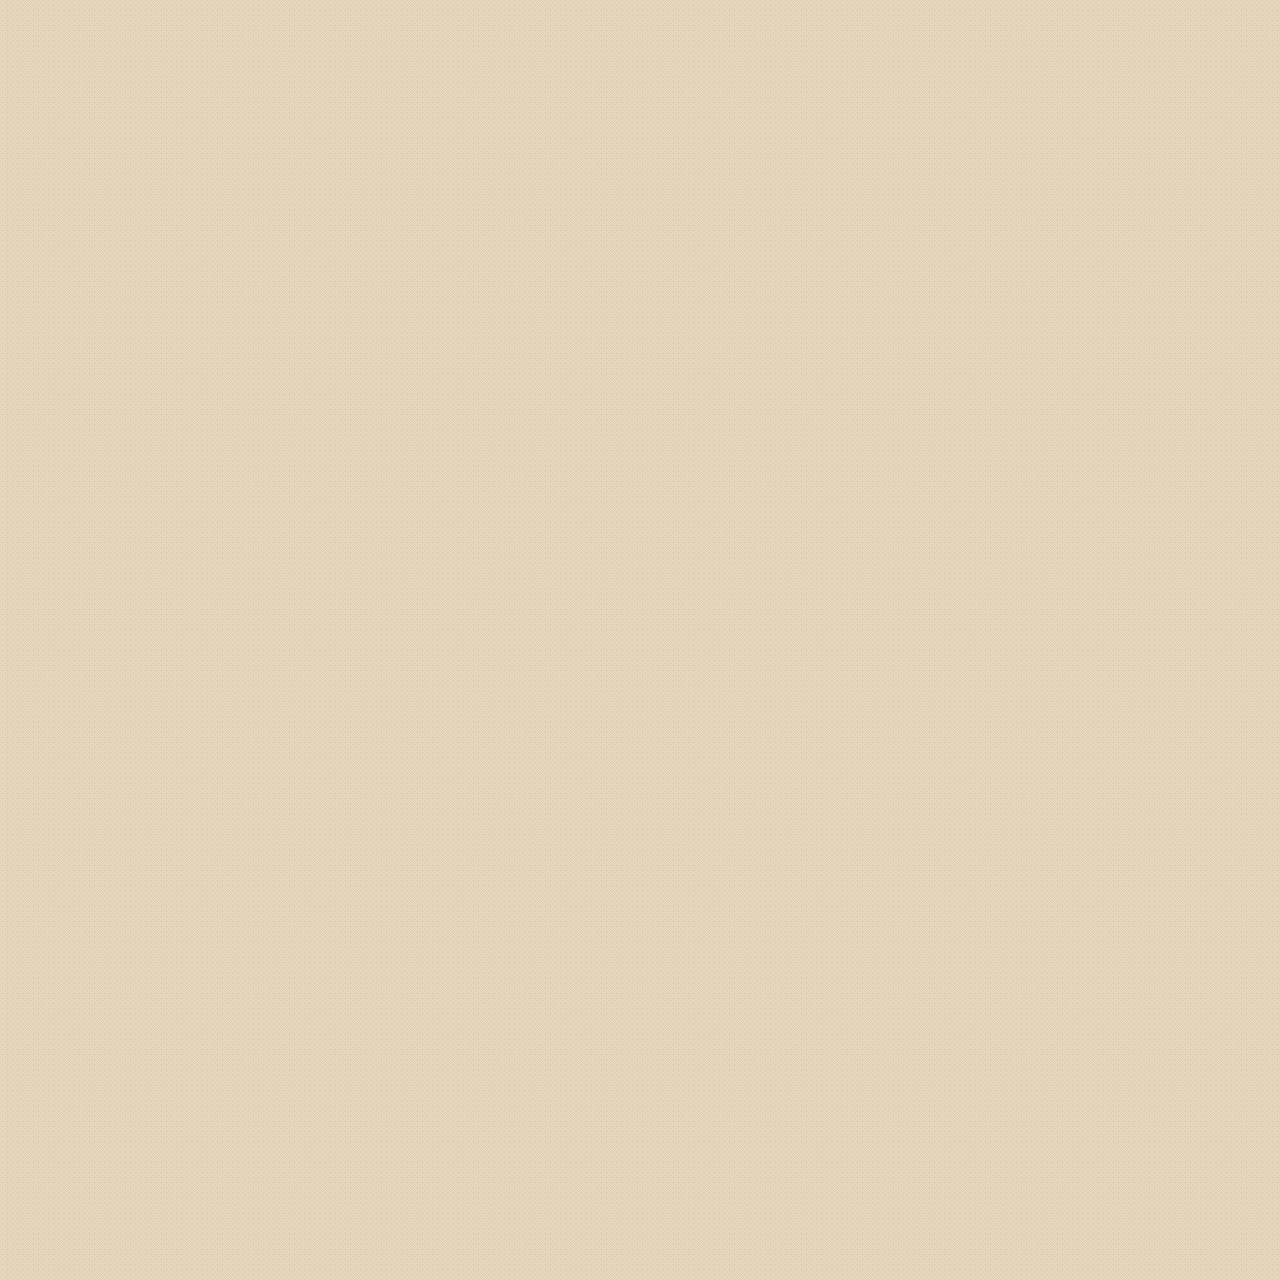 温馨 浅色 底纹